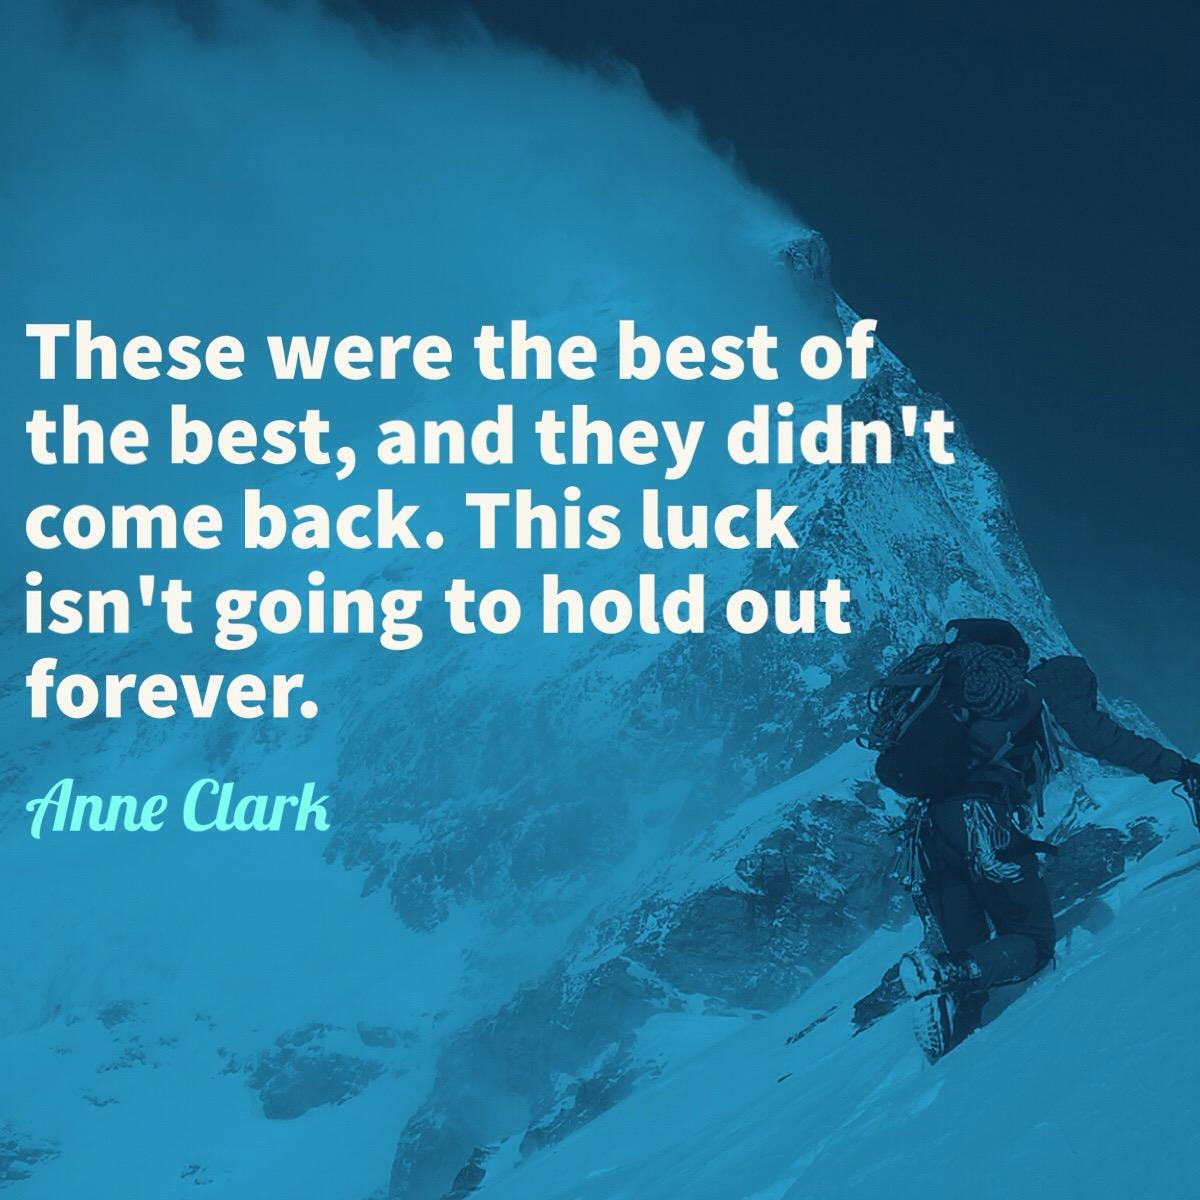 anne clark quote.JPG